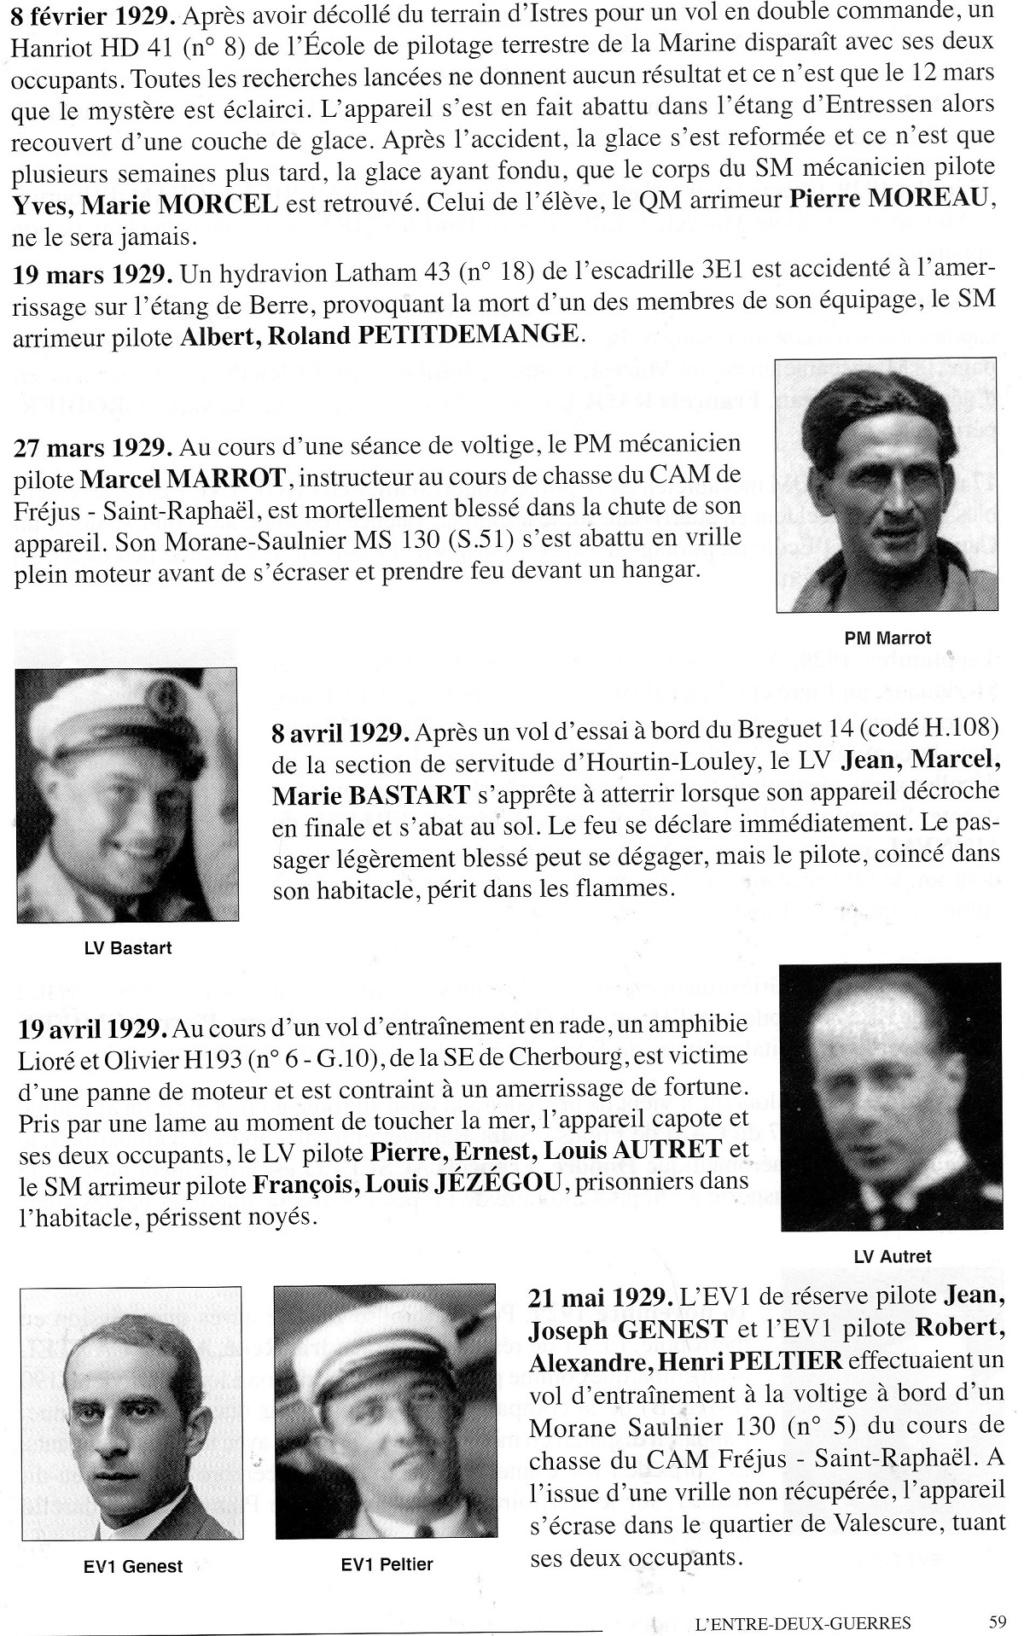 [ Histoires et histoire ] Yves Morcel Pilote Aéro - Page 2 Mb47110